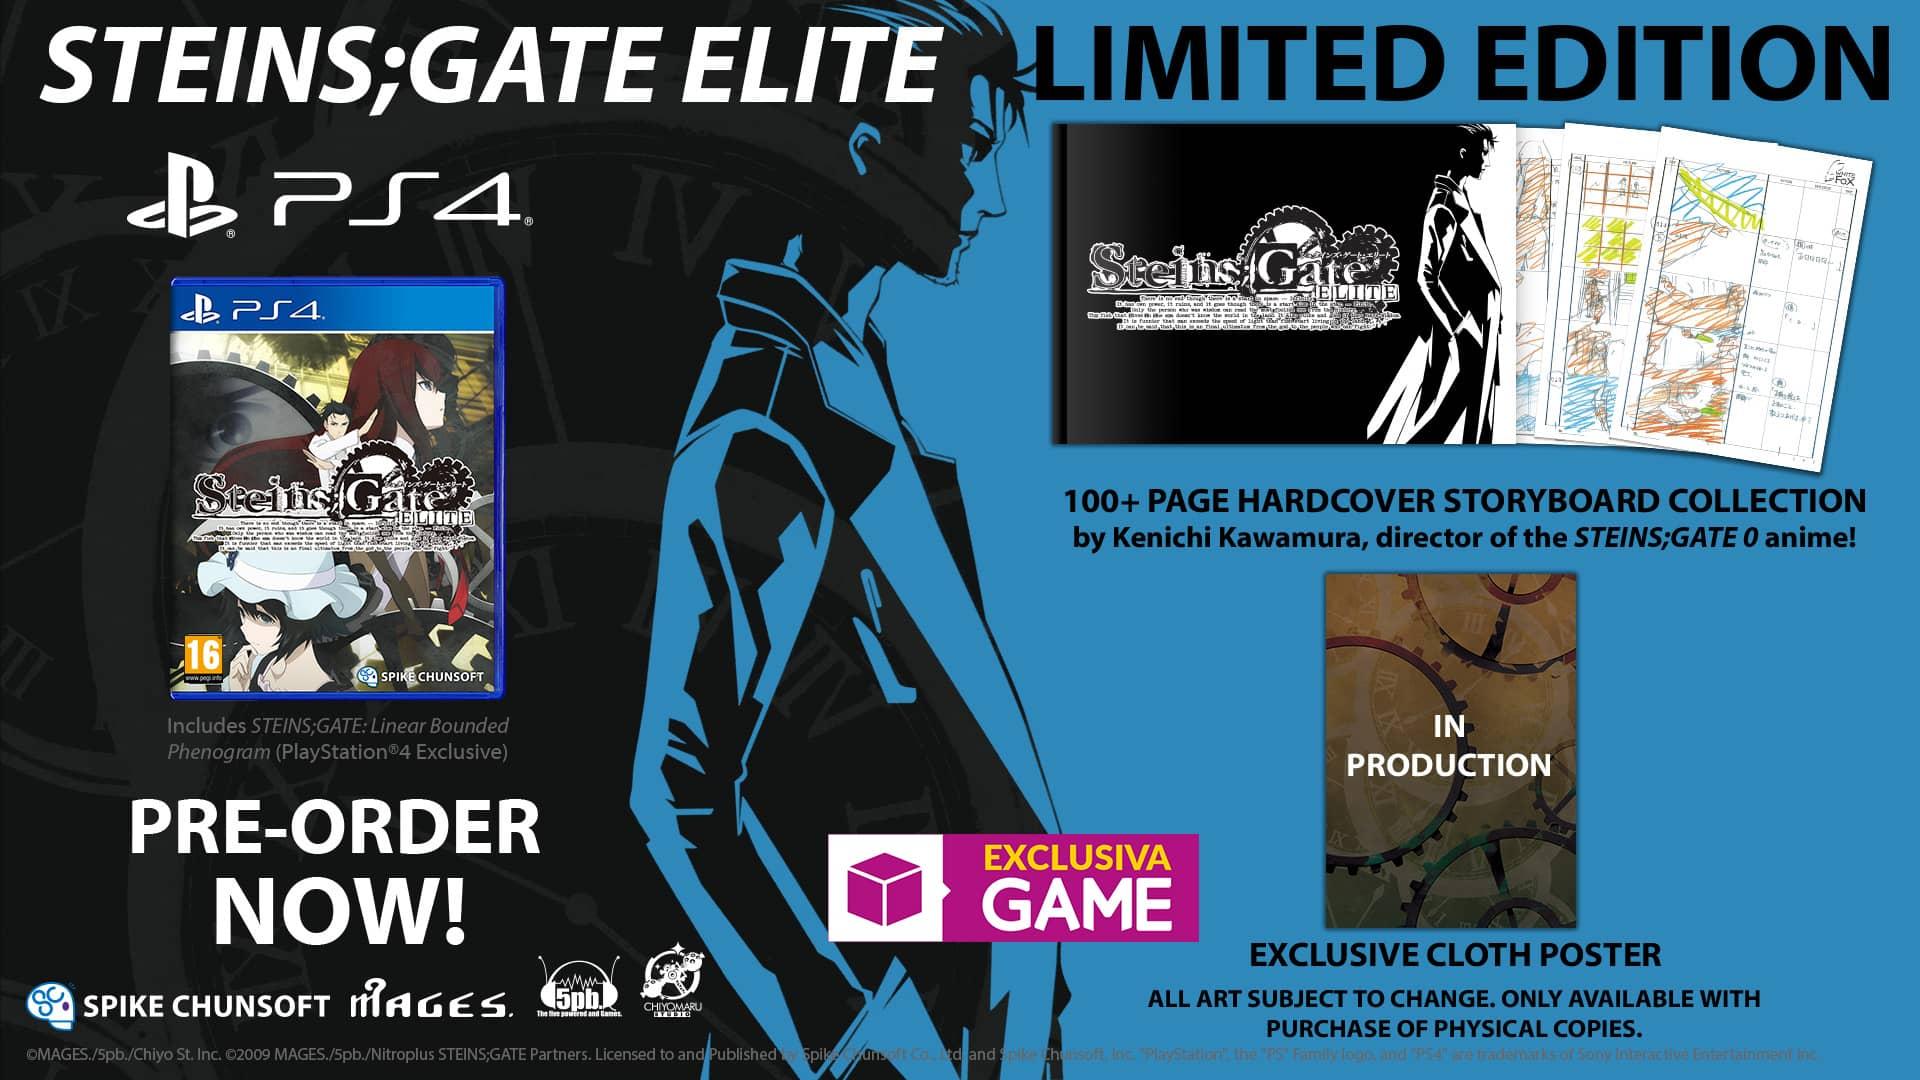 Steins;Gate Elite Limited Edition